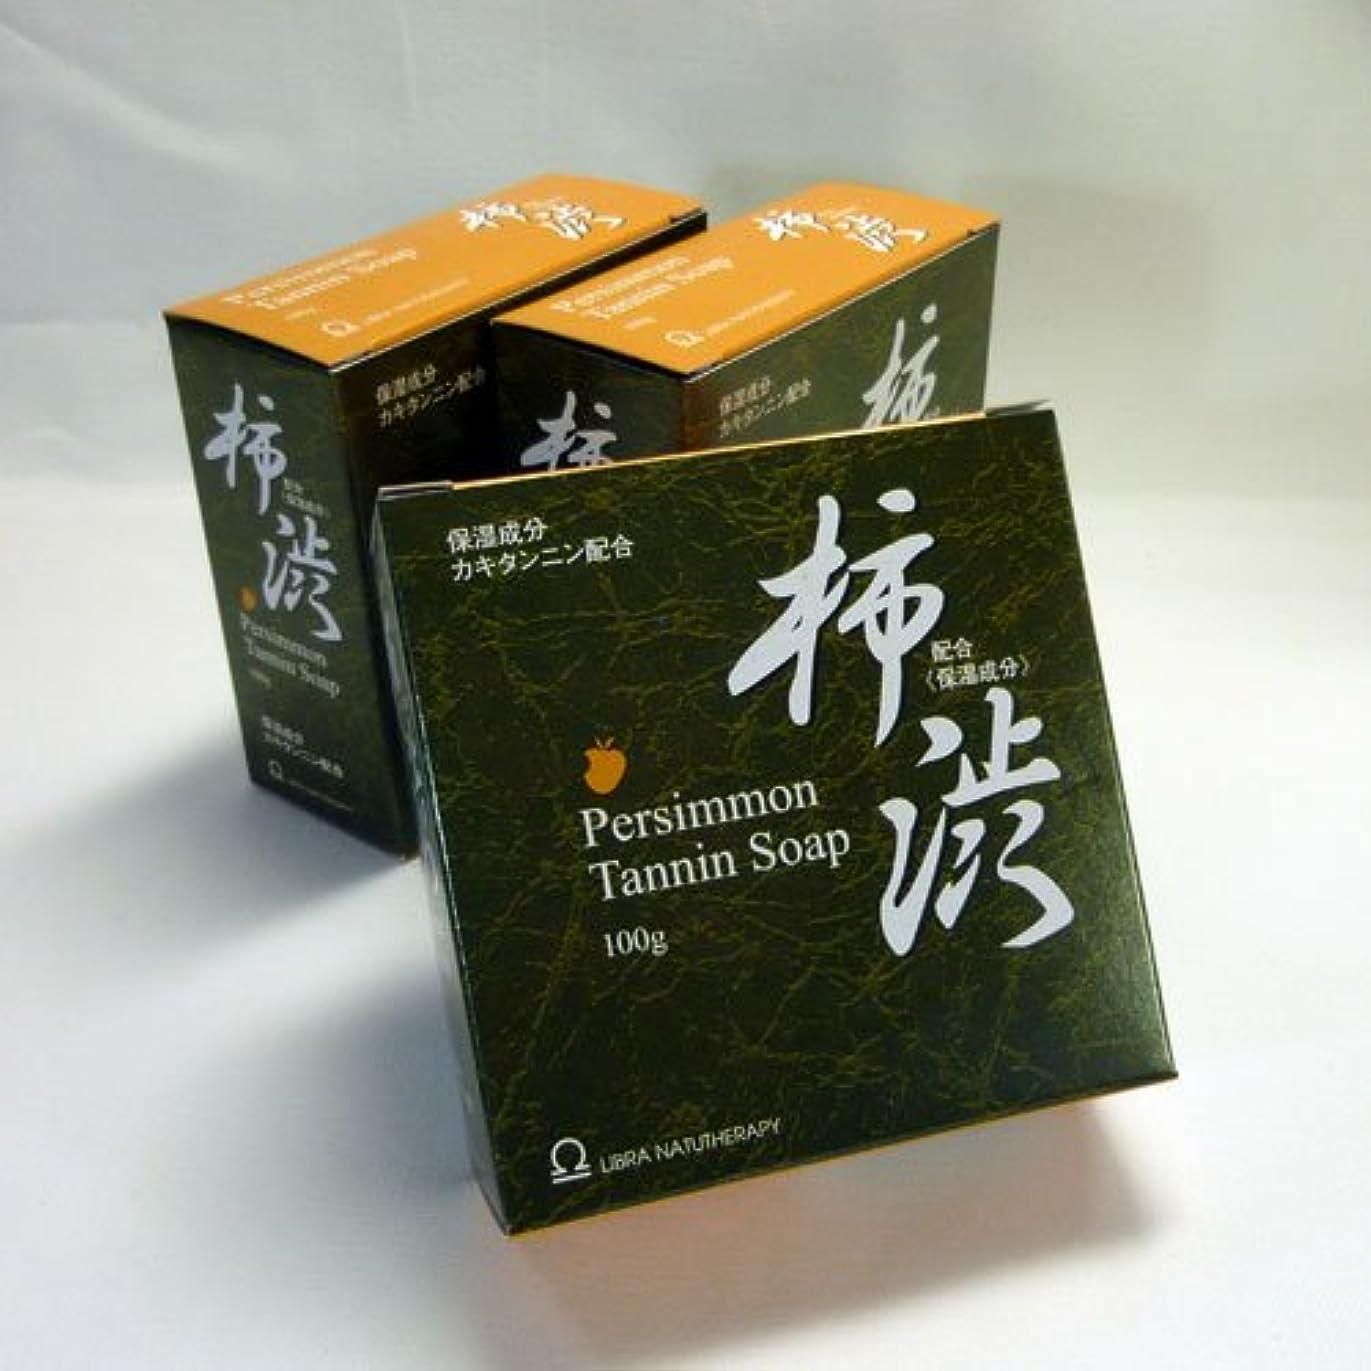 パトロン群れロール【加齢臭?体臭対策】 ライブラ 柿渋石鹸 100g (3個セット)